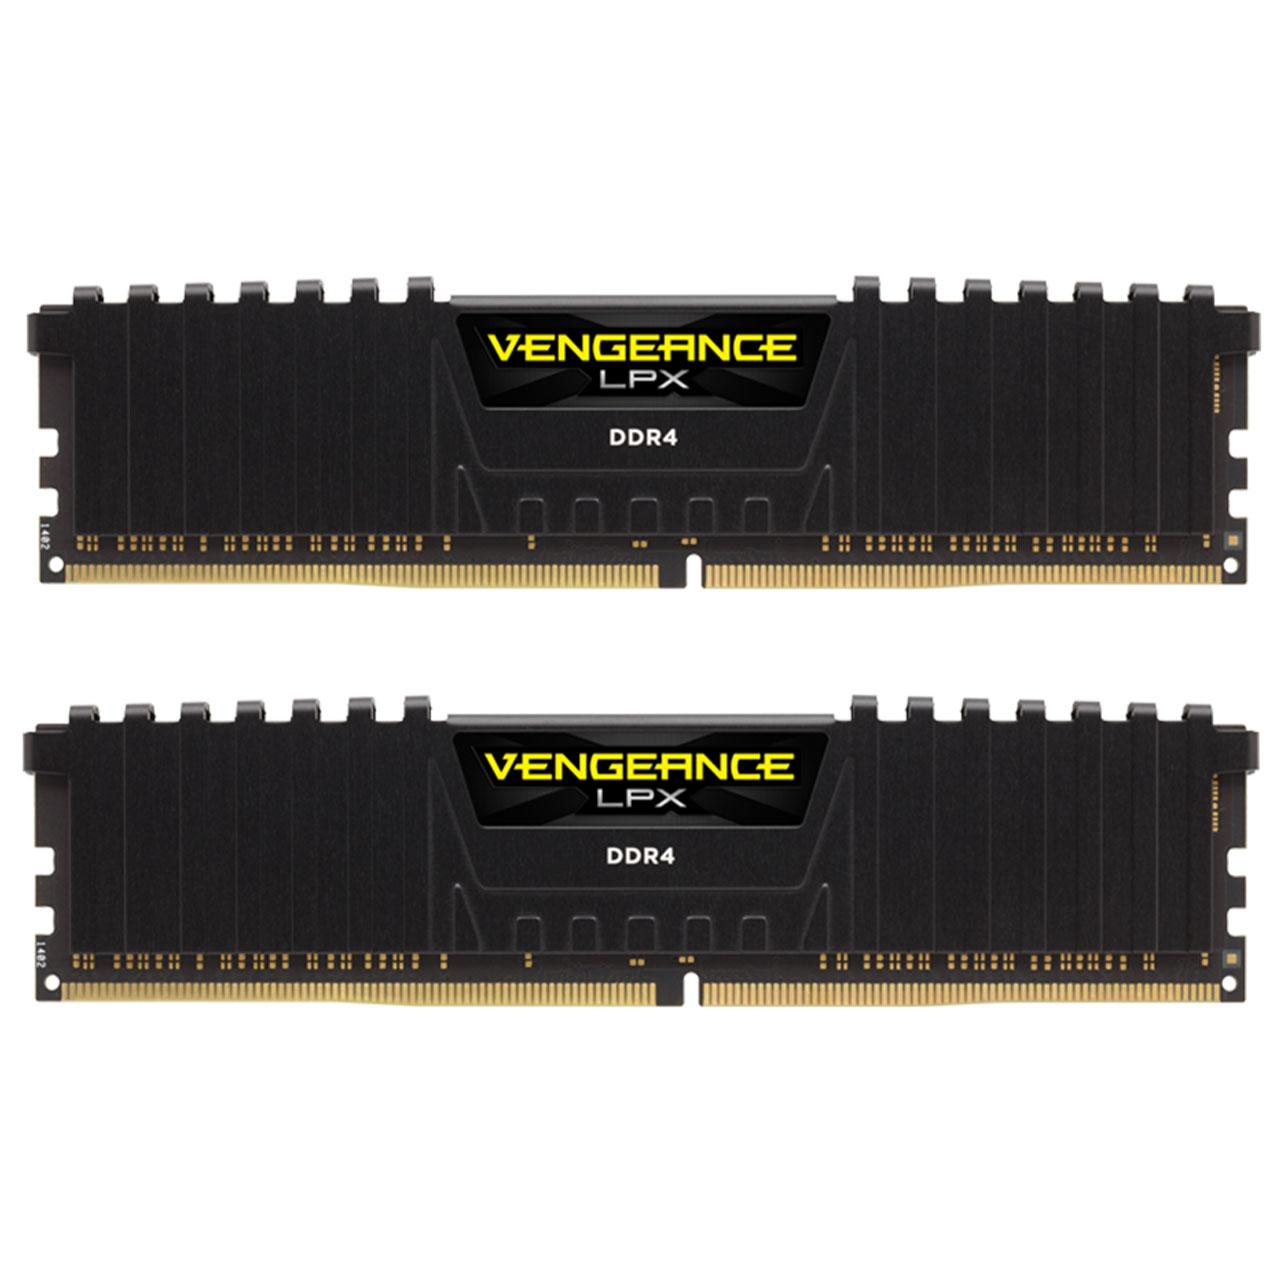 بررسی و {خرید با تخفیف} رم دسکتاپ DDR4 دو کاناله 3200 مگاهرتز CL16 کورسیر مدل Vengeance LPX ظرفیت 16 گیگابایت اصل